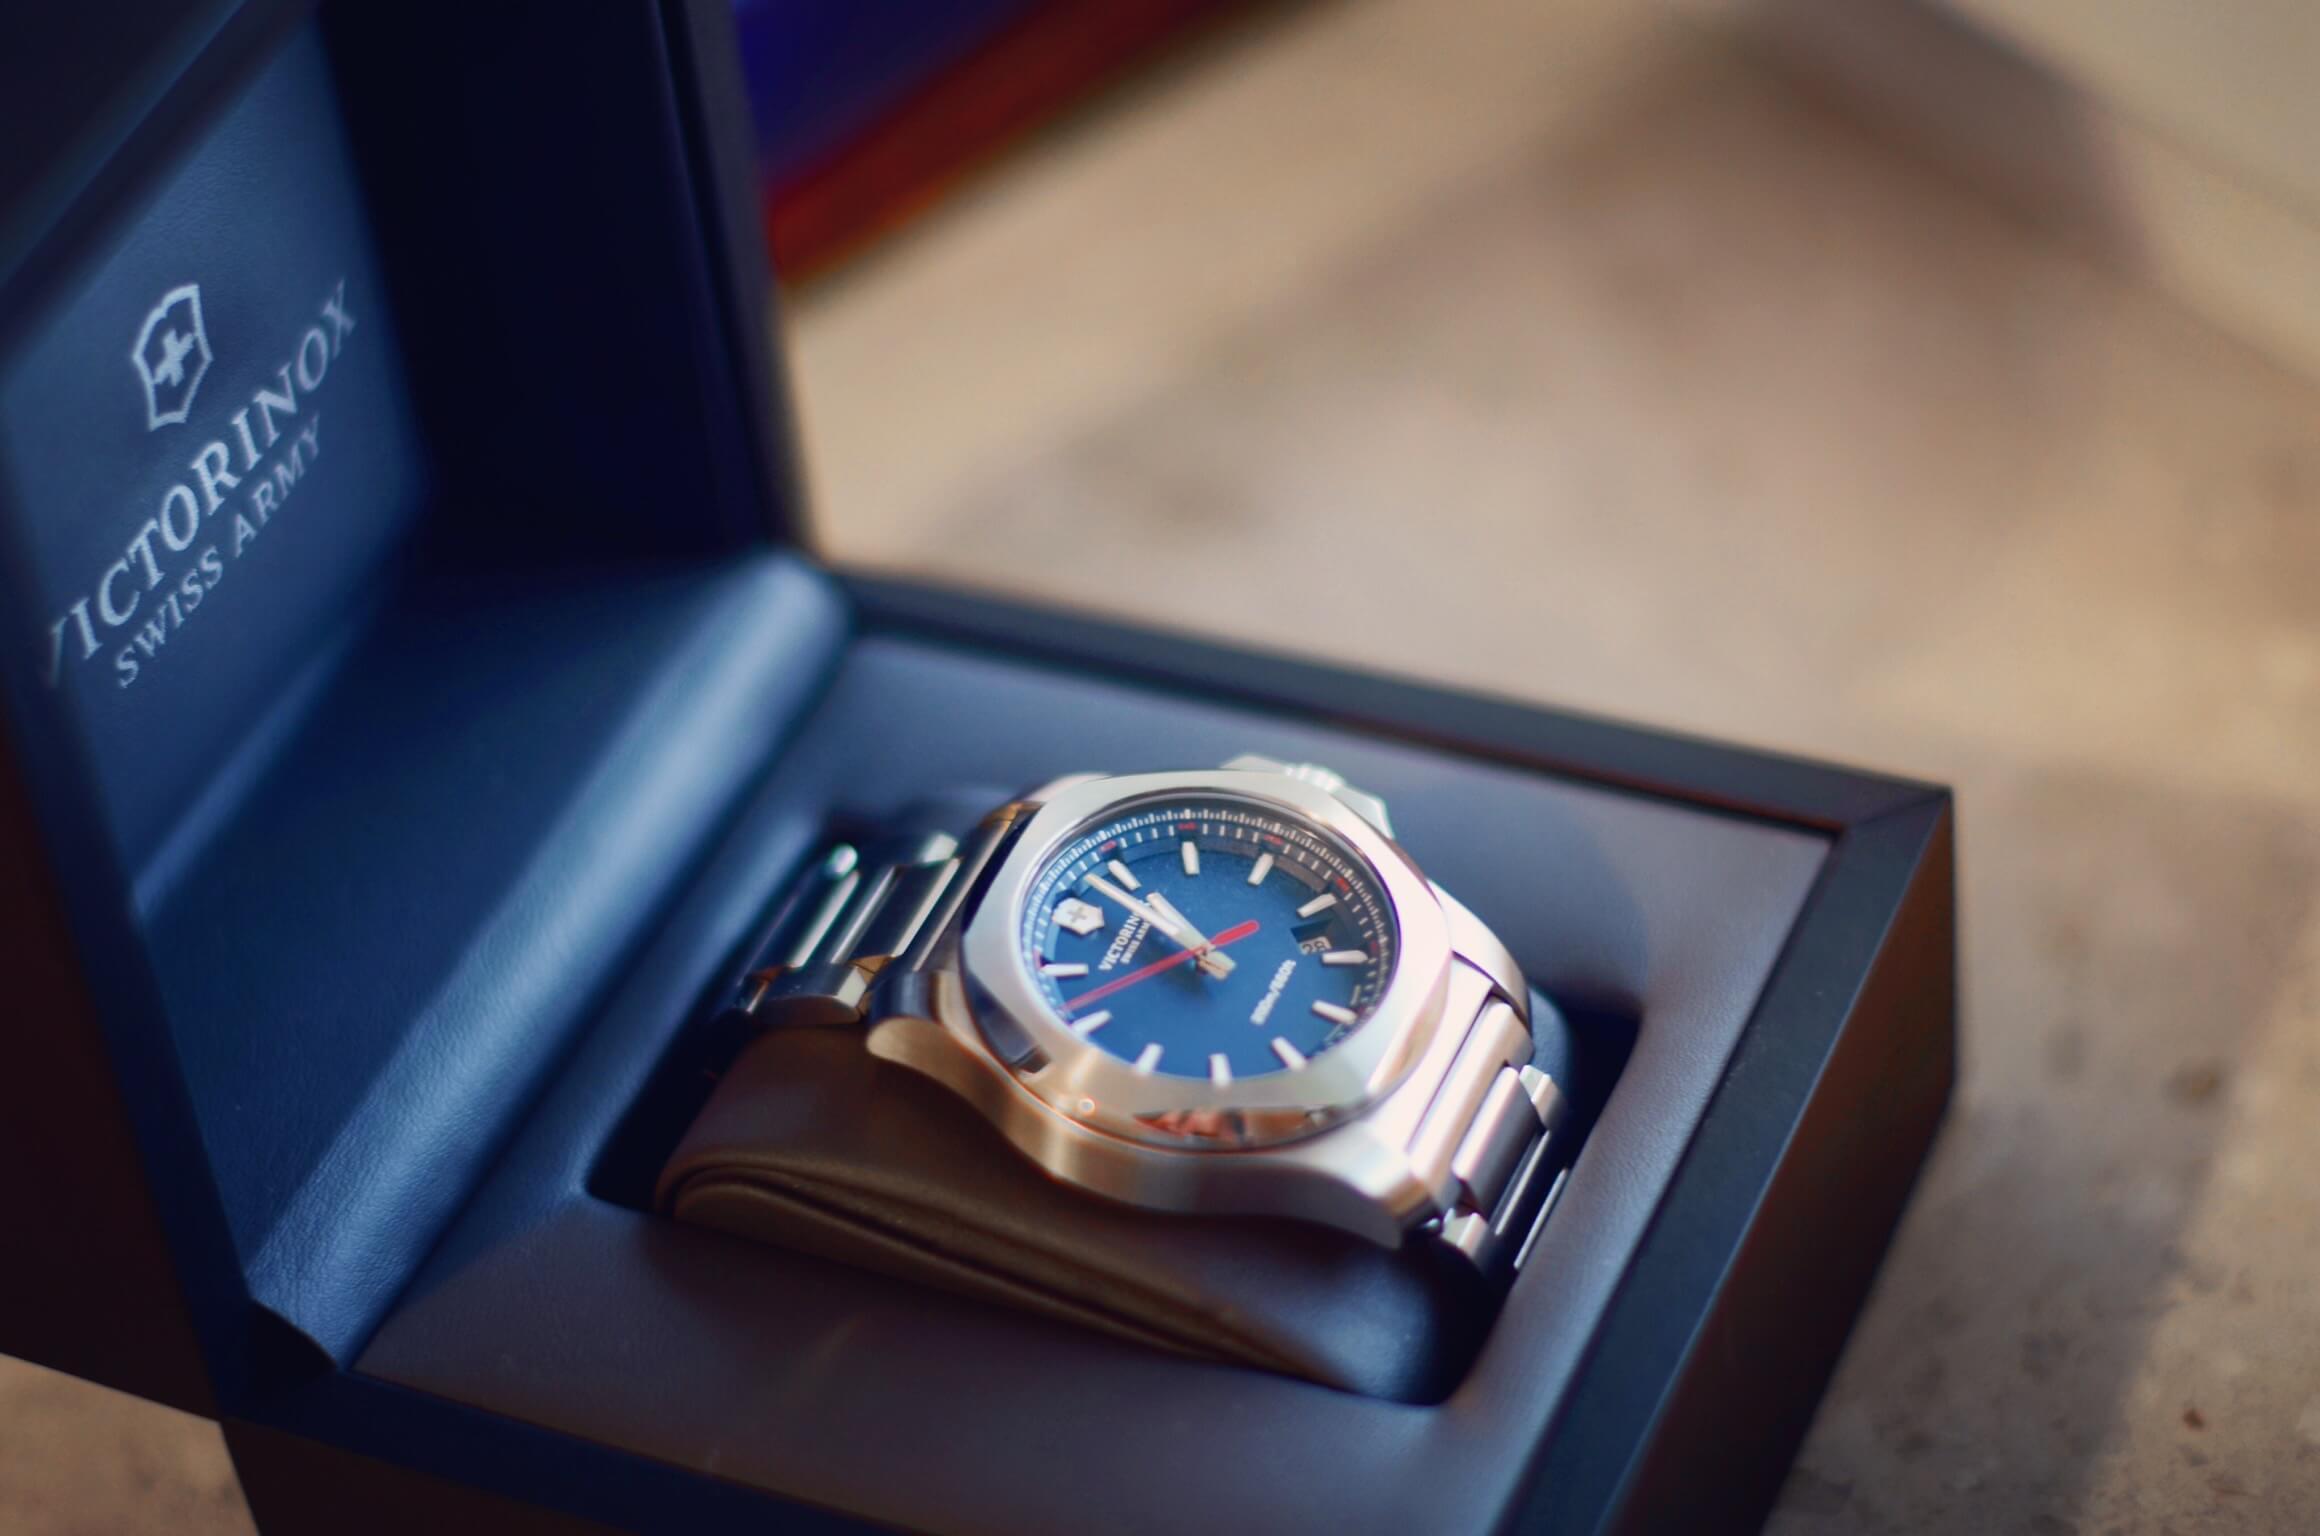 Zegarek INOX (granatowy) w pudełku